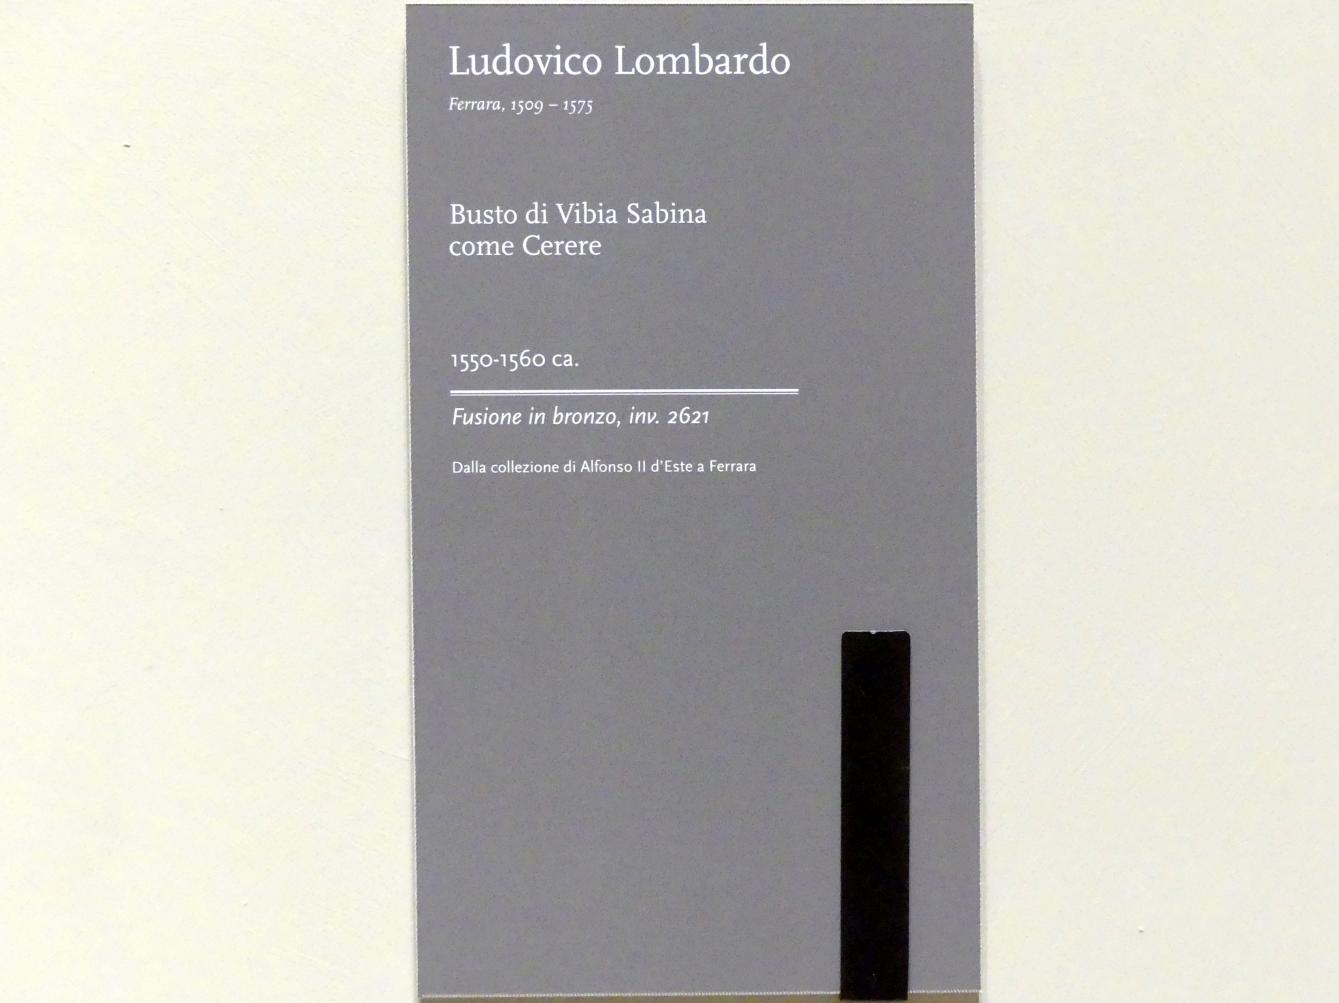 Ludovico Lombardo: Büste der Vibia Sabina come Cerere, Um 1550 - 1560